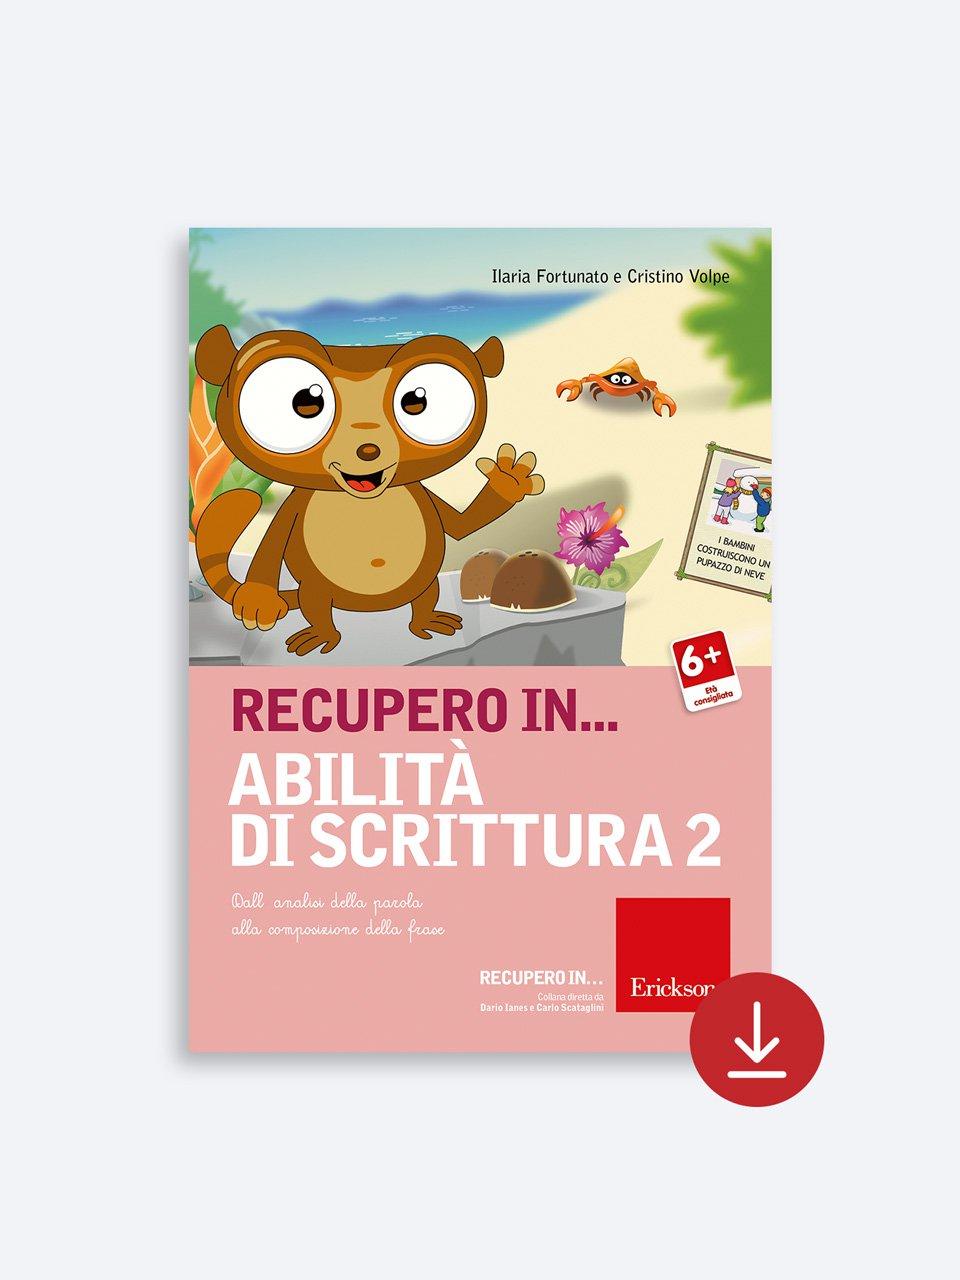 RECUPERO IN... Abilità di scrittura 2 - Libri - App e software - Erickson 5